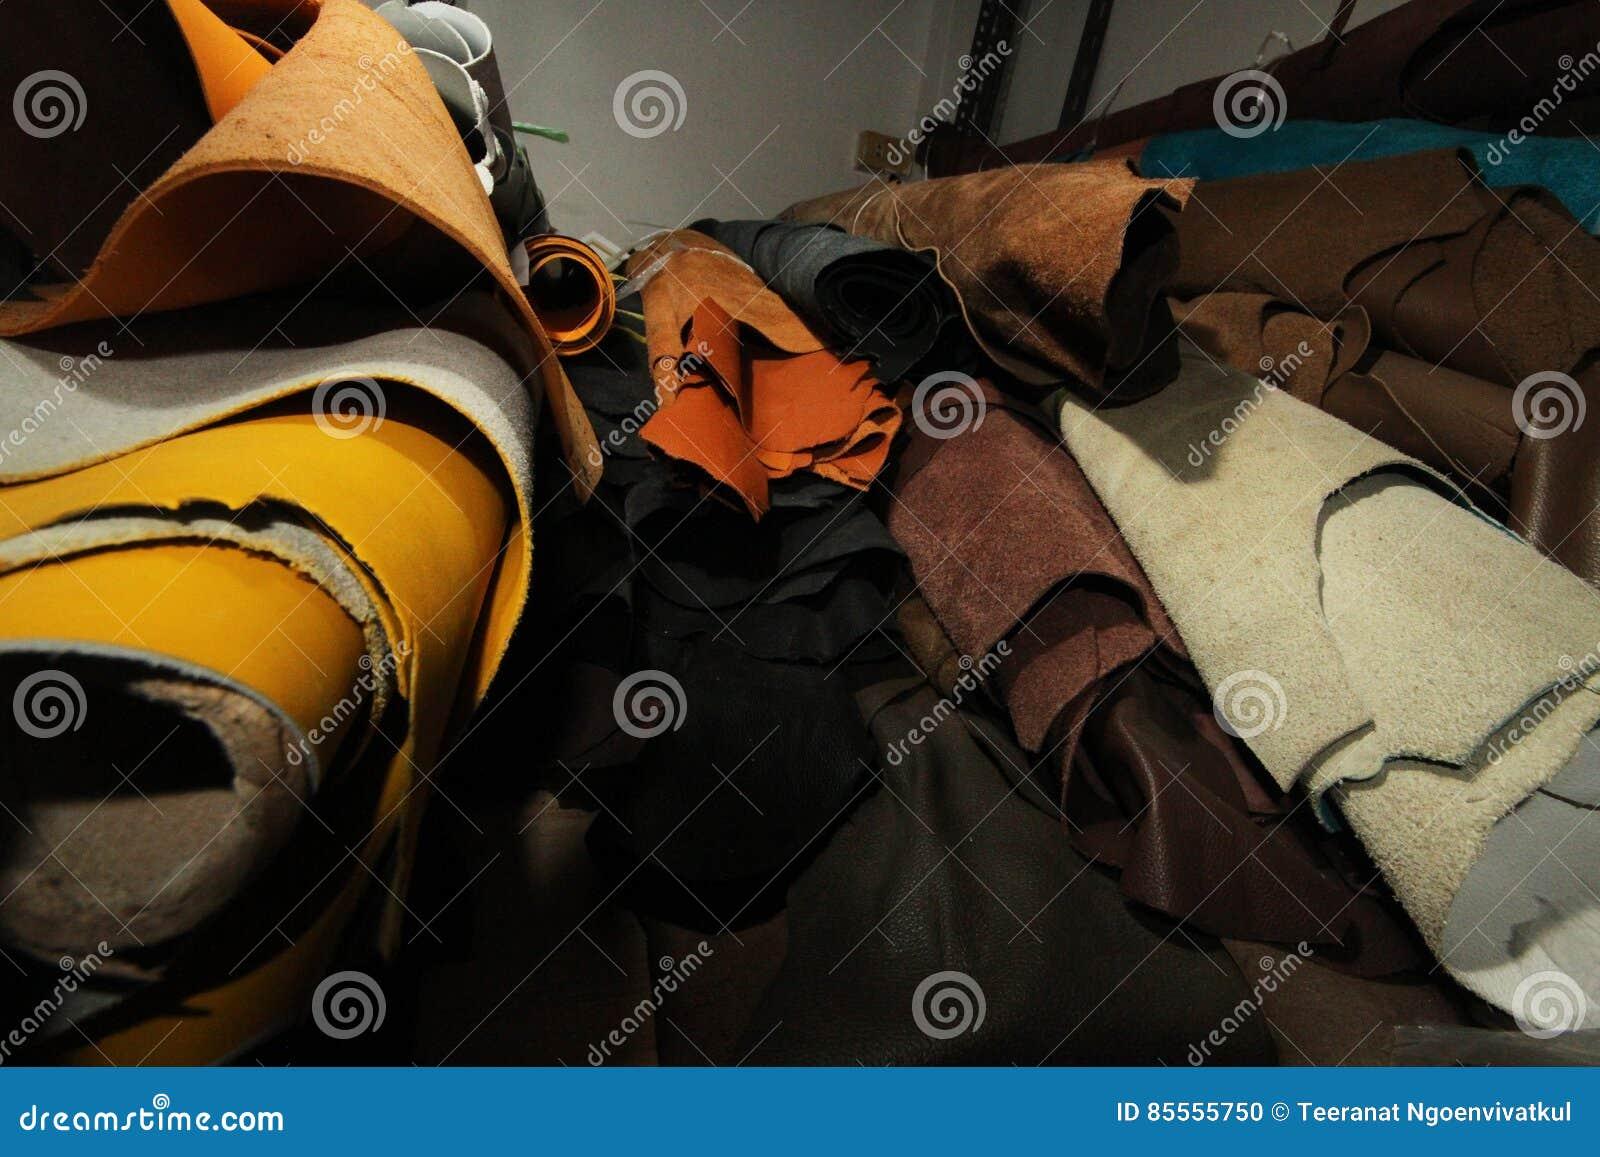 Vorrat an braune lederne Auswahl/Vorrat an Leder in der Textilherstellung